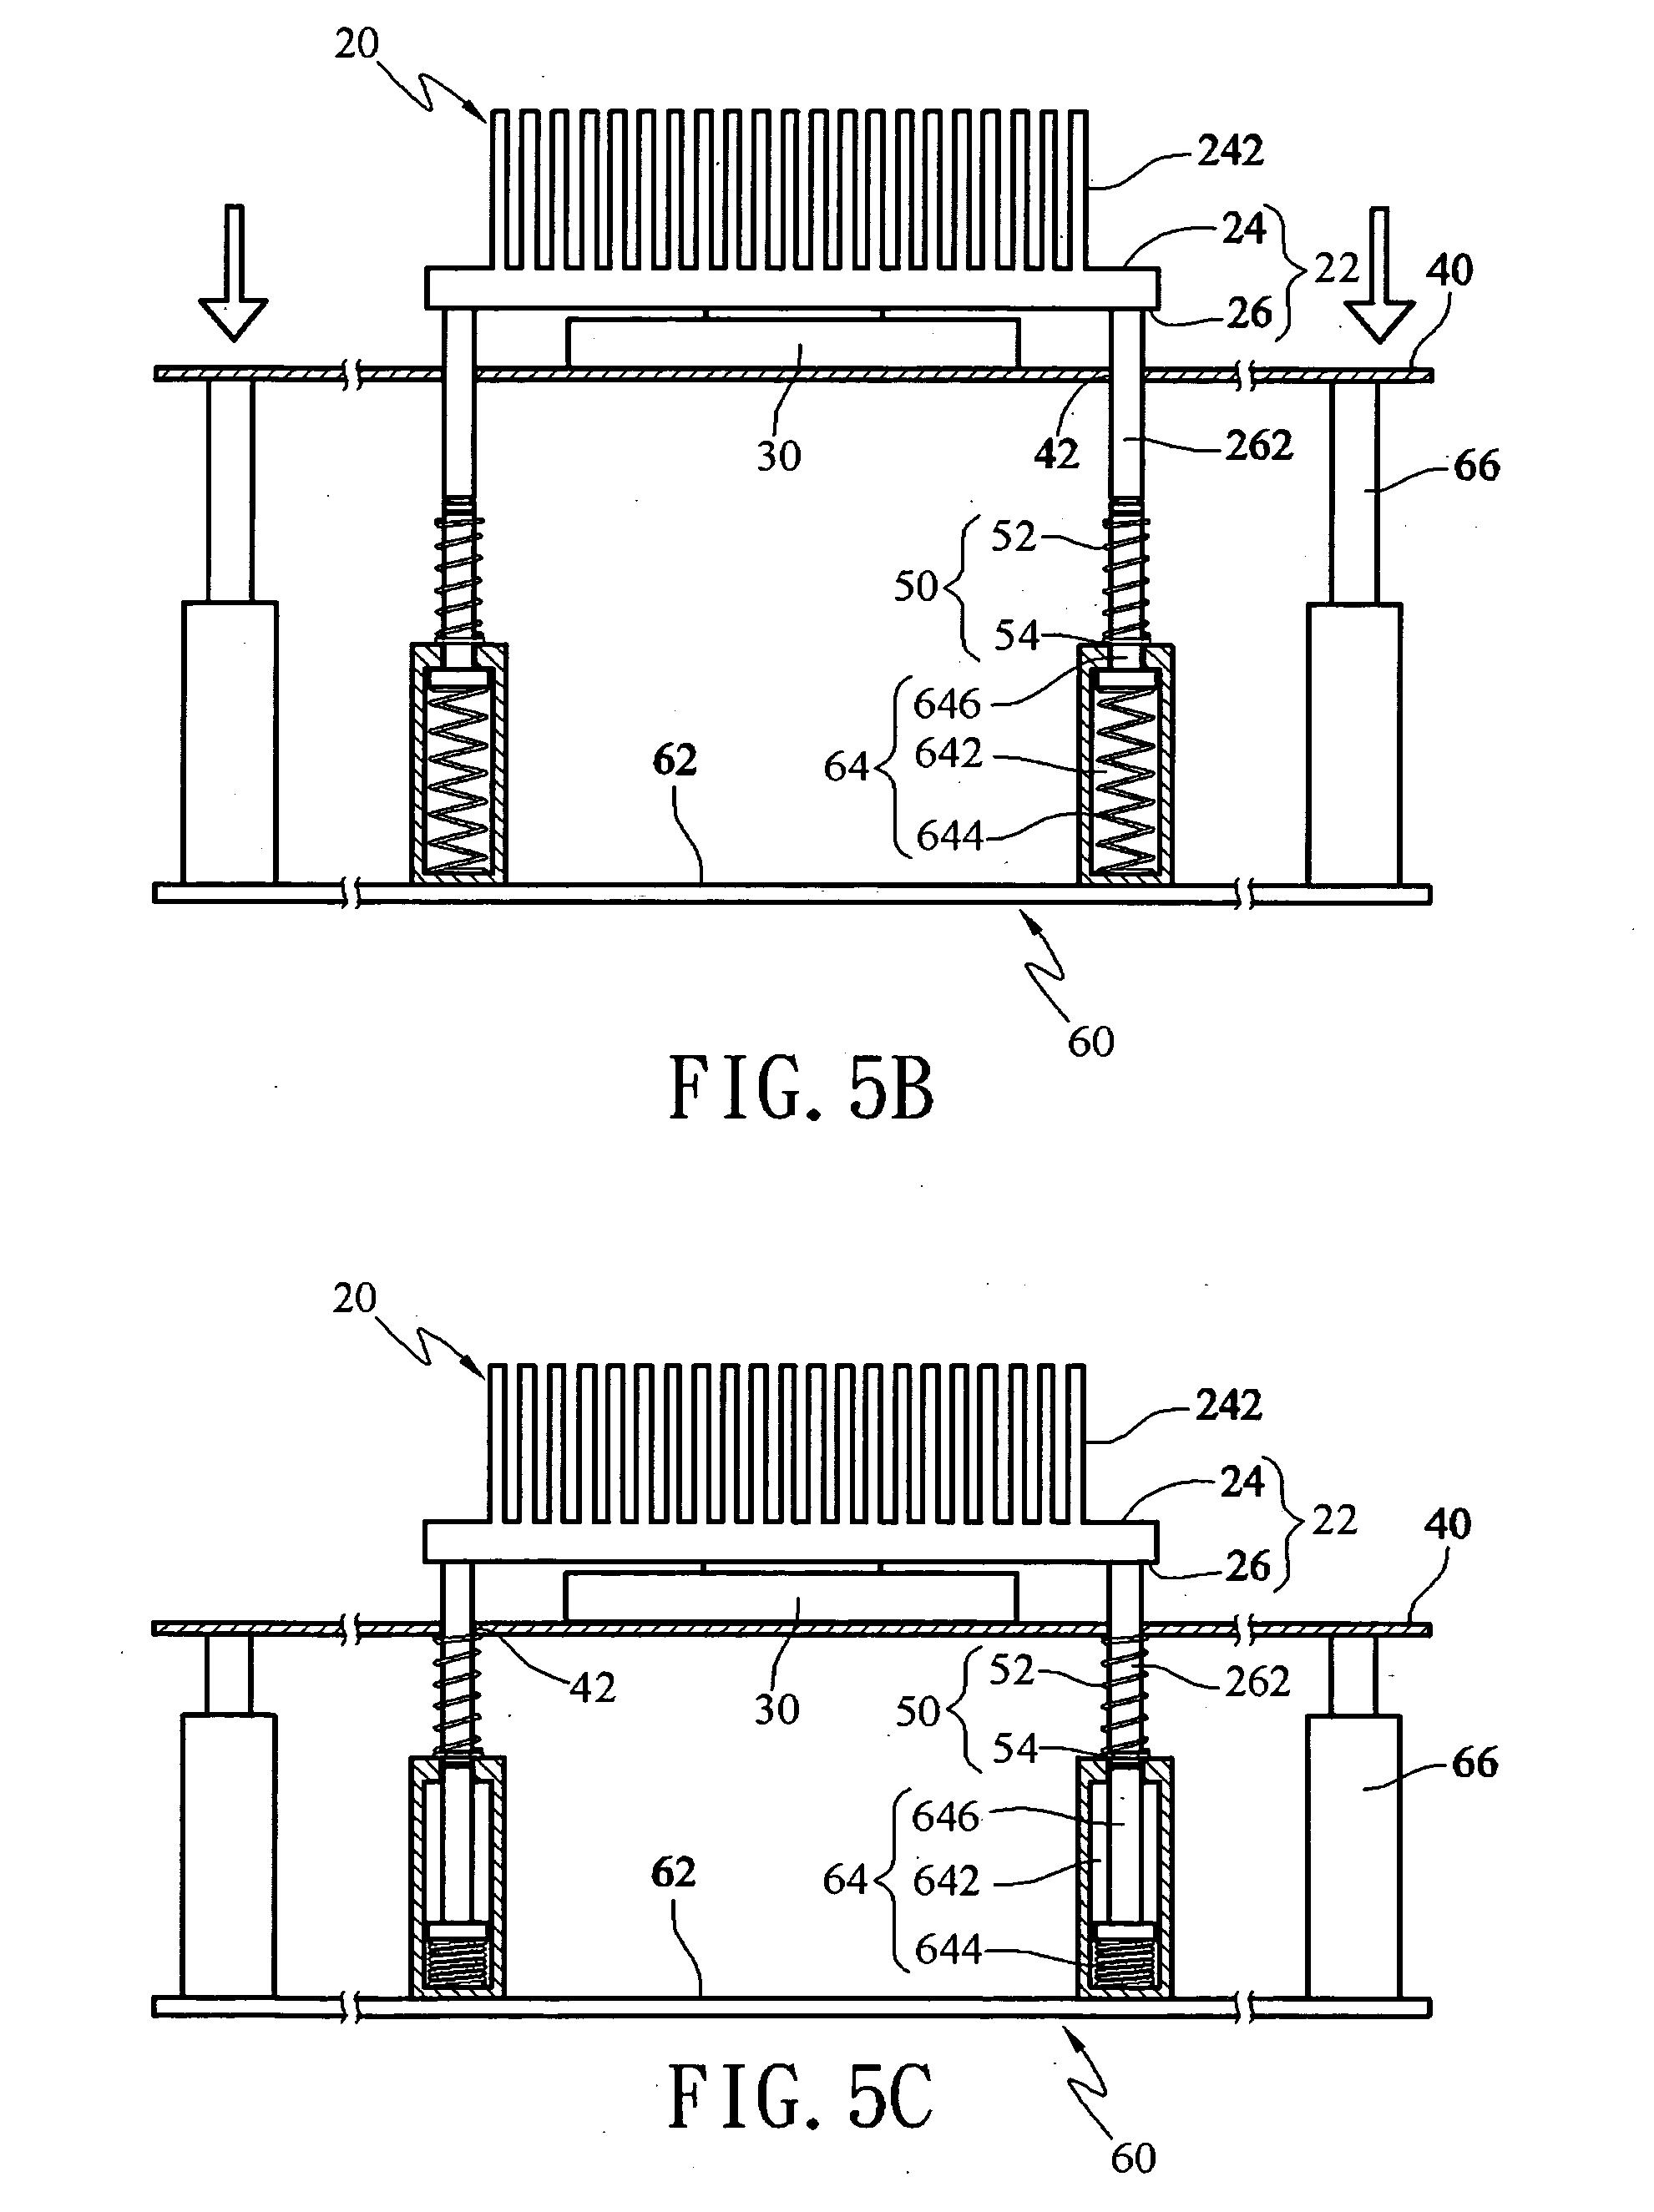 sink节点电路原理图